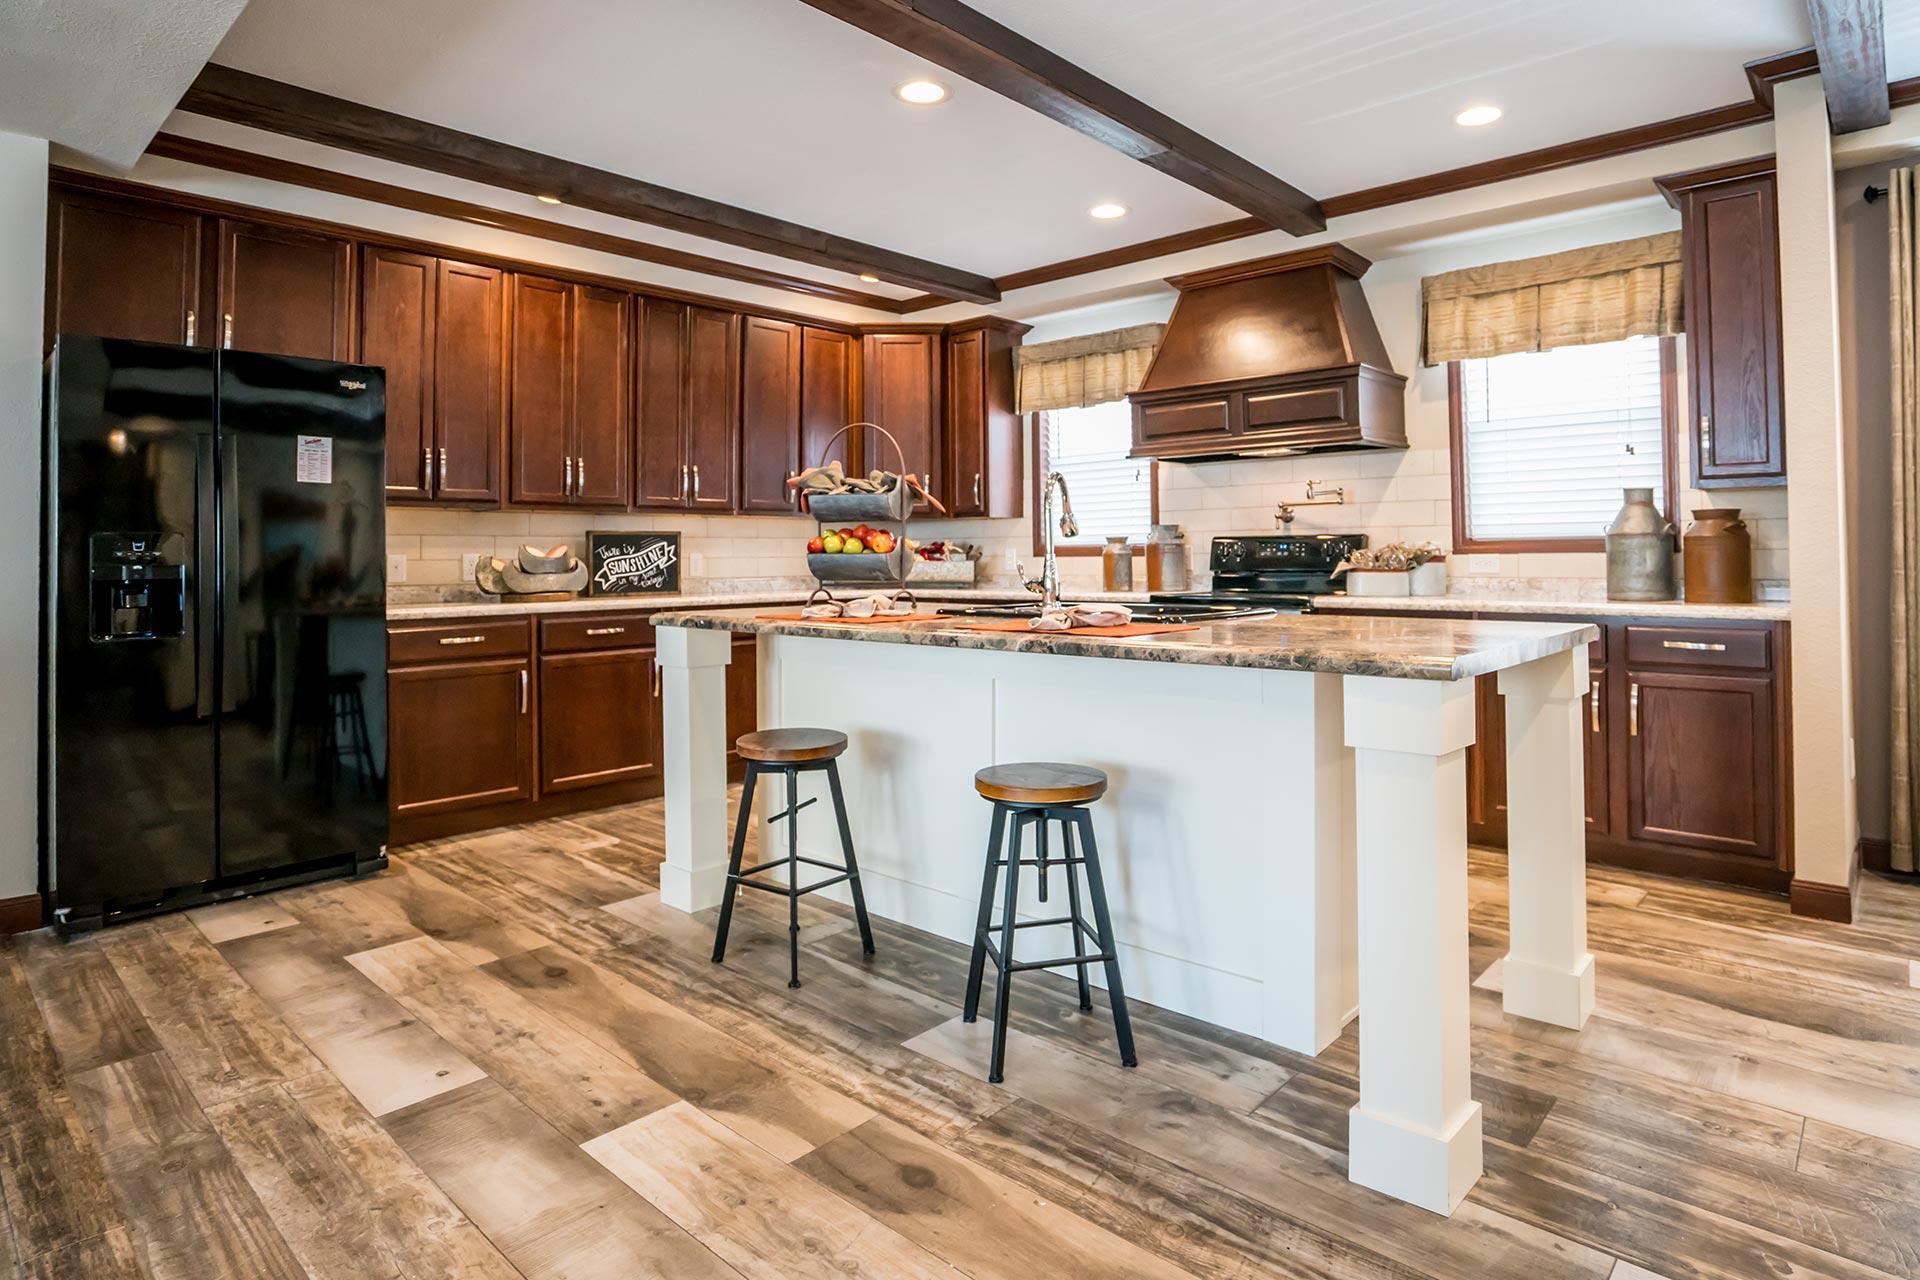 Home - Discover Modular Homes